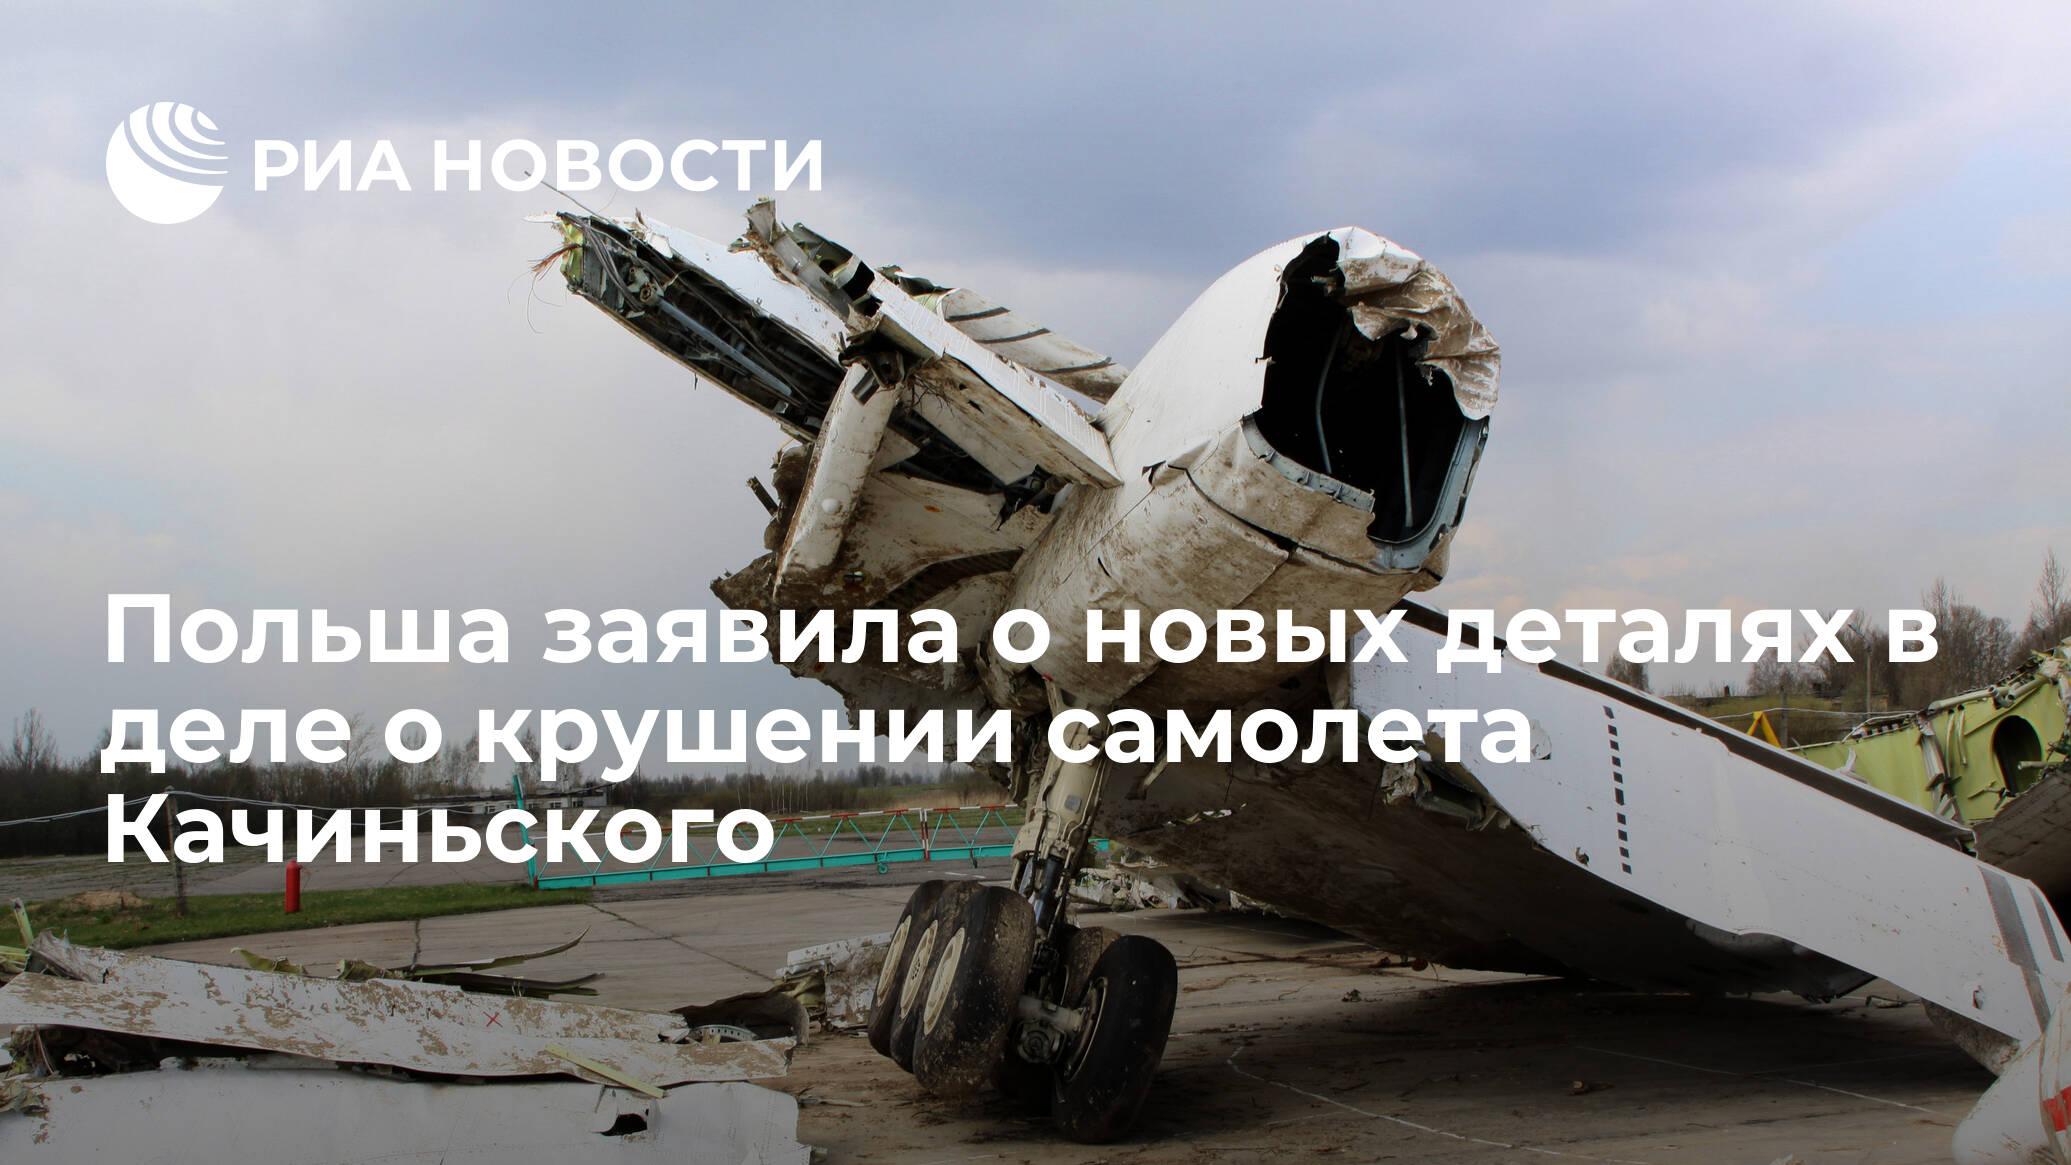 В Польше сообщили о новых деталях в деле о крушении самолета Качиньского